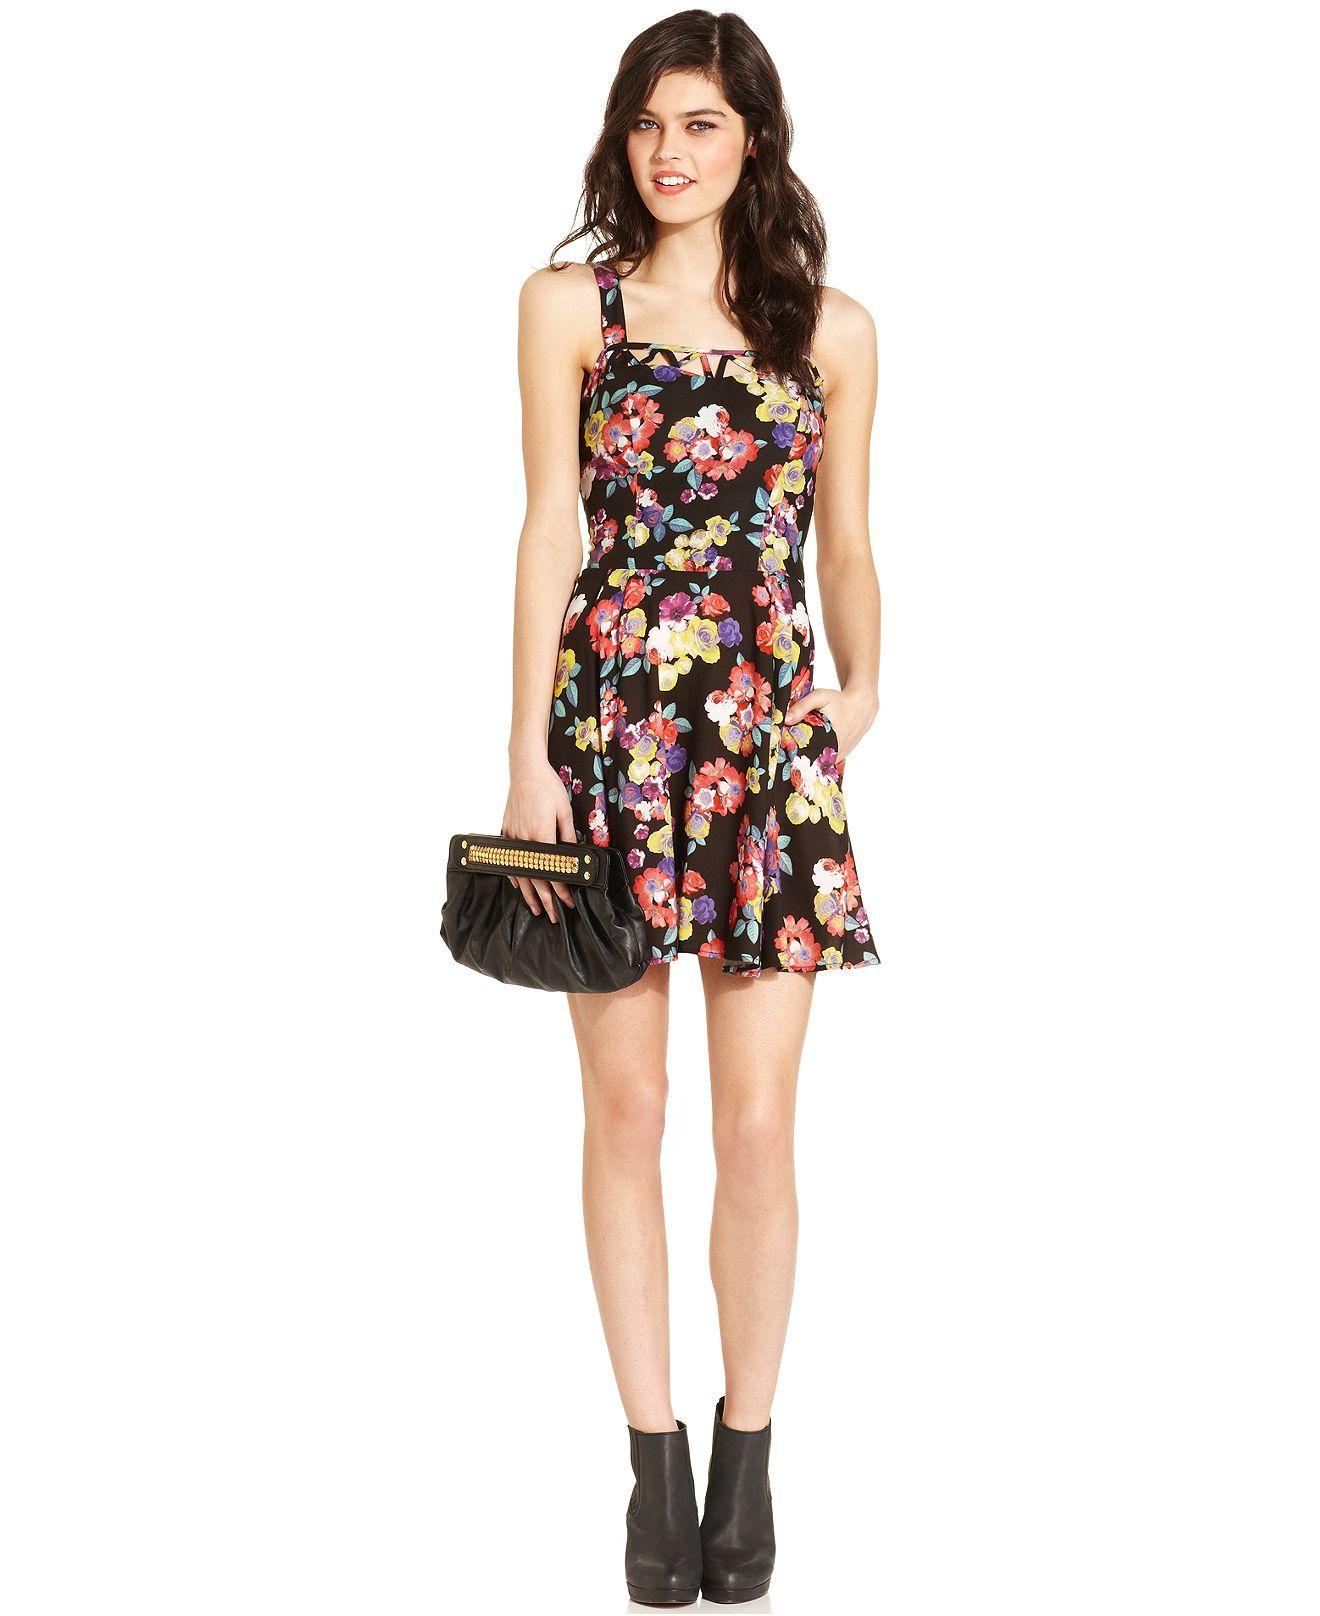 Material Girl Juniors Dress Sleeveless Floral Print Cutout Juniors Dresses Macy S Material Girls Junior Dresses Cutout Dress [ 1616 x 1320 Pixel ]